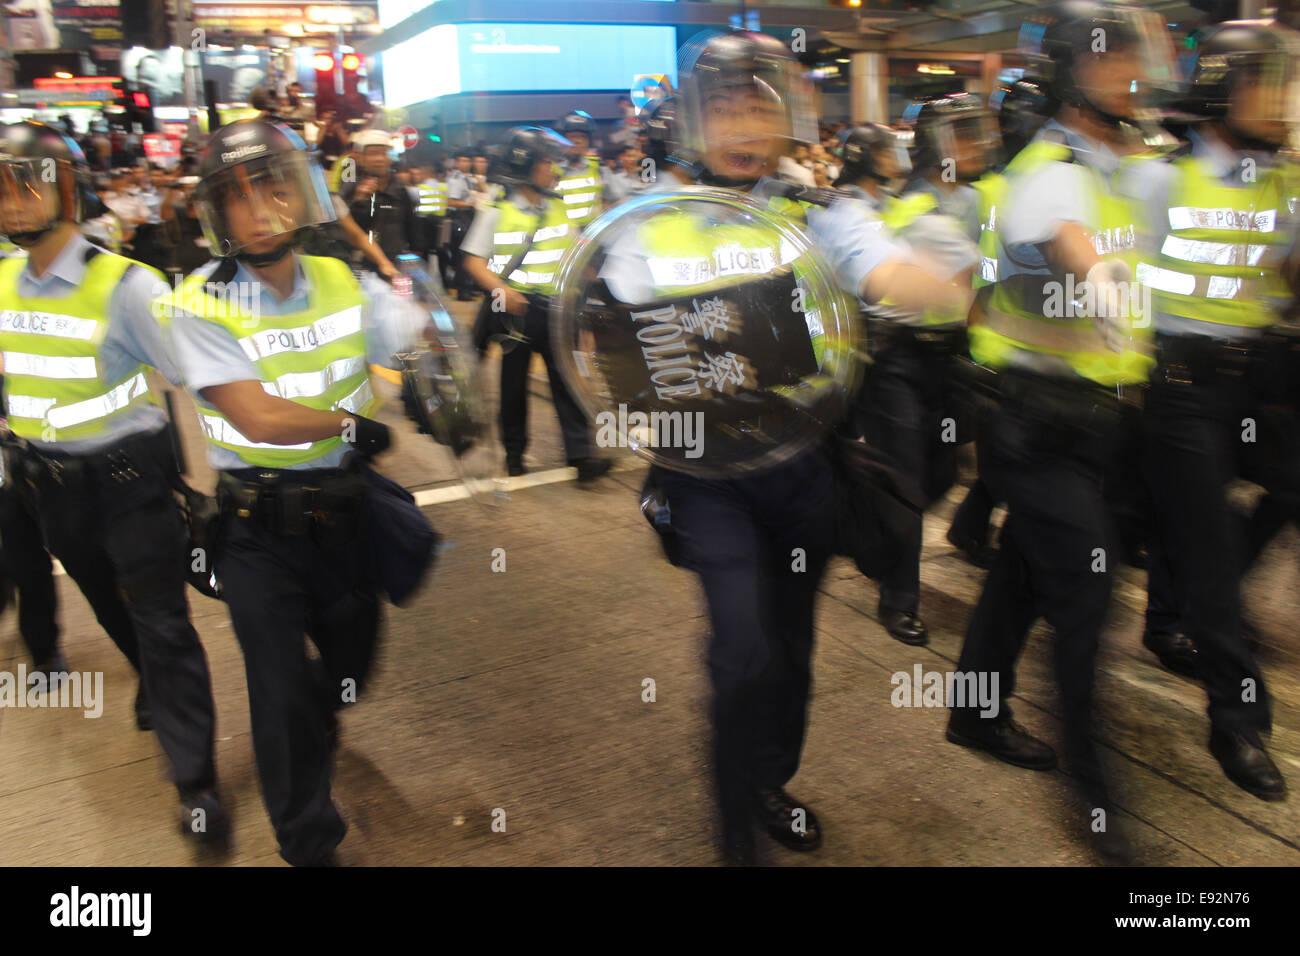 Hong Kong. 17th October, 2014. Hong Kong Protests: Hong Kong riot police charge pro-democracy protesters in Mongkok, - Stock Image